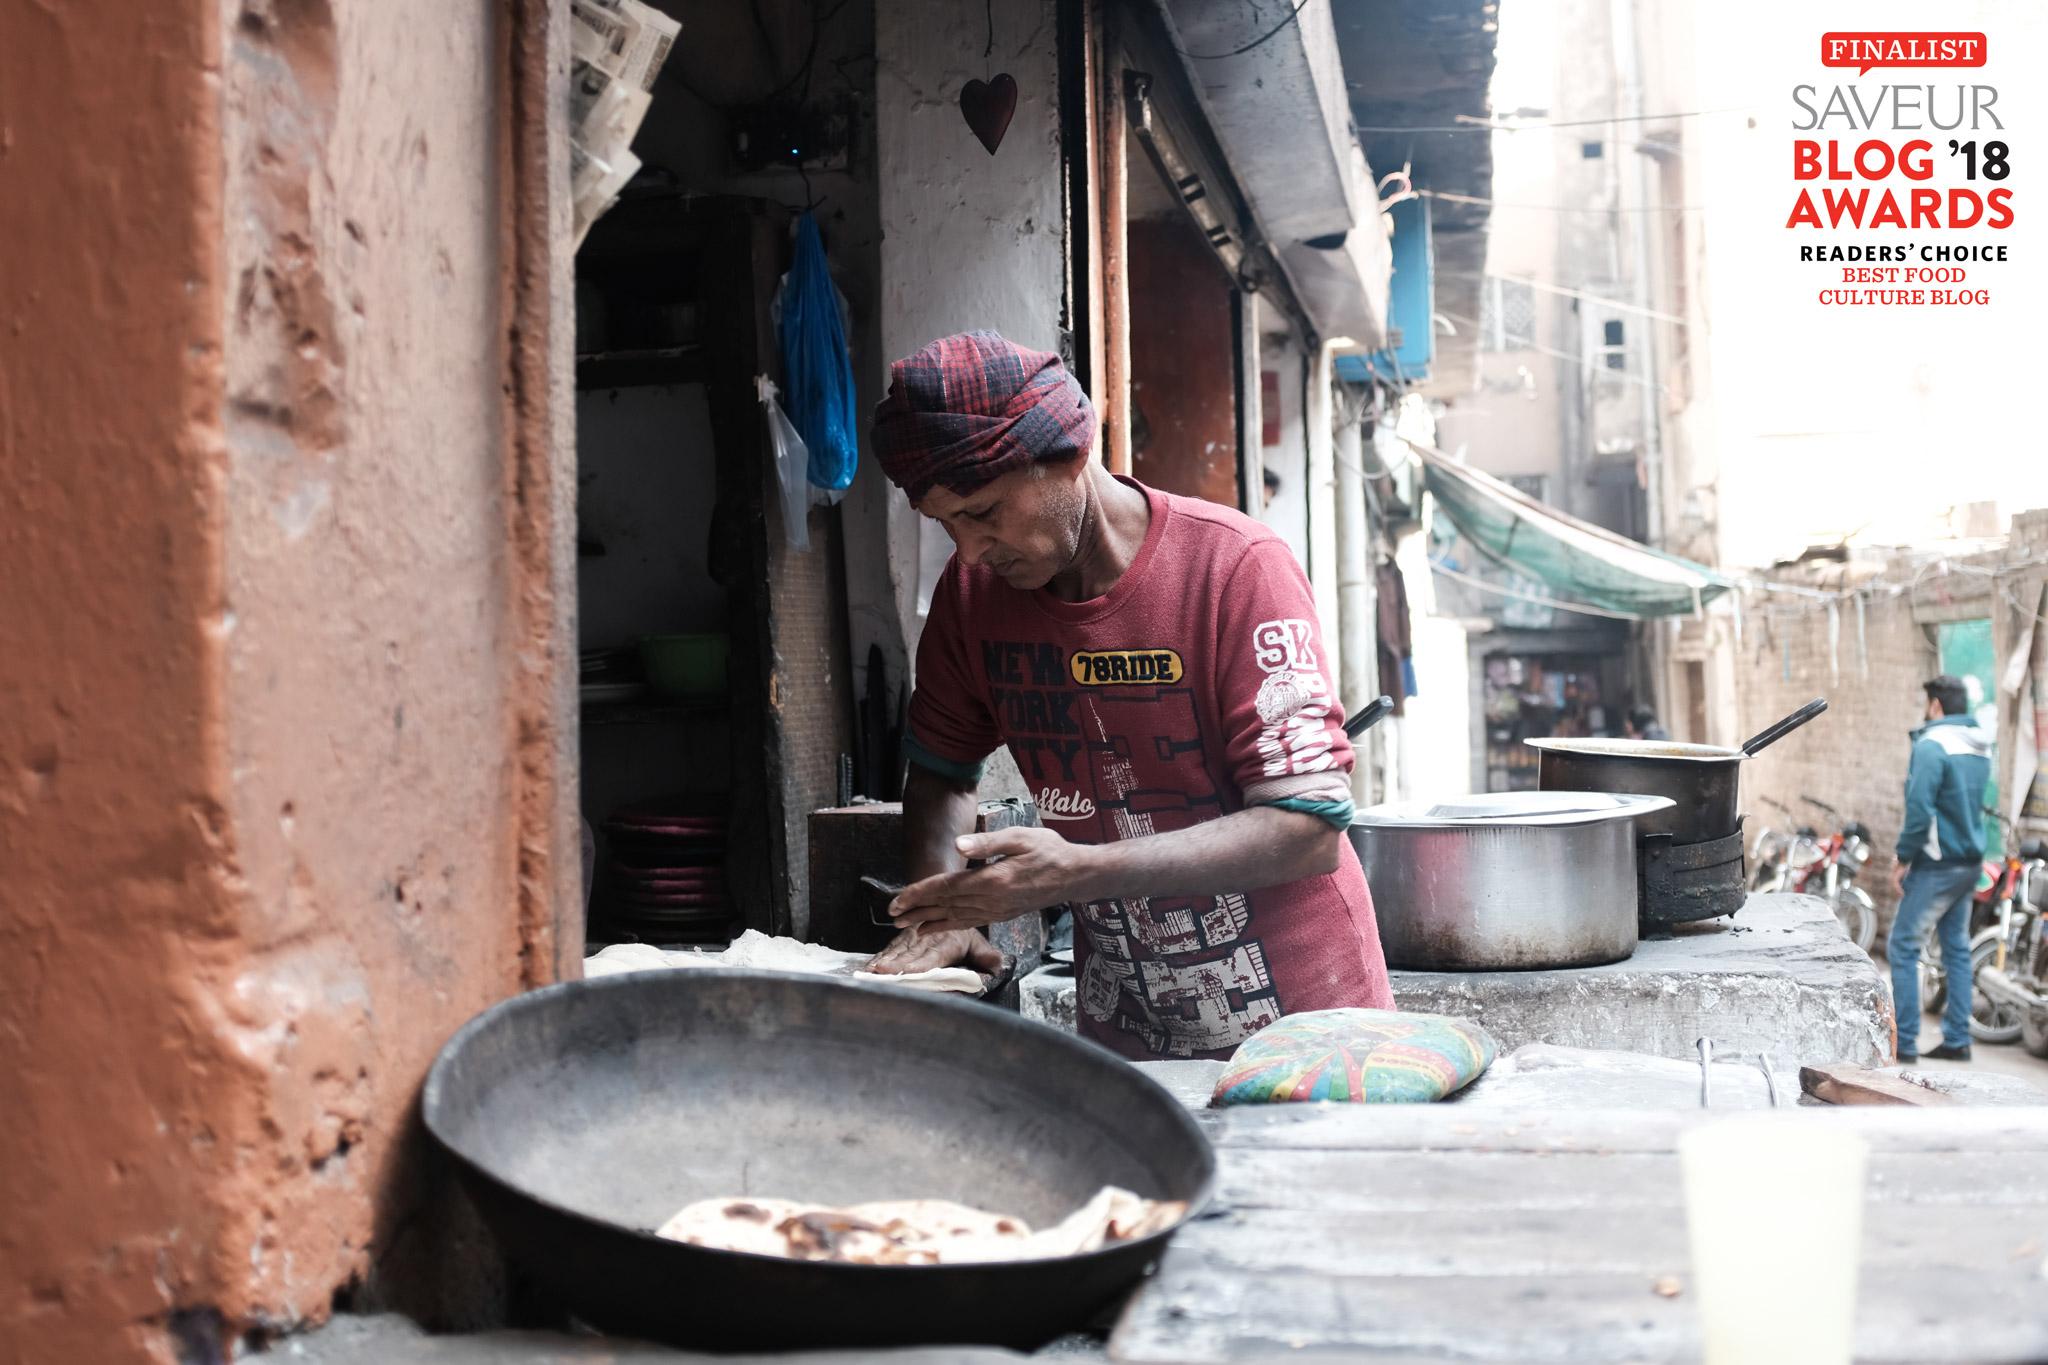 pakistani-food-blog